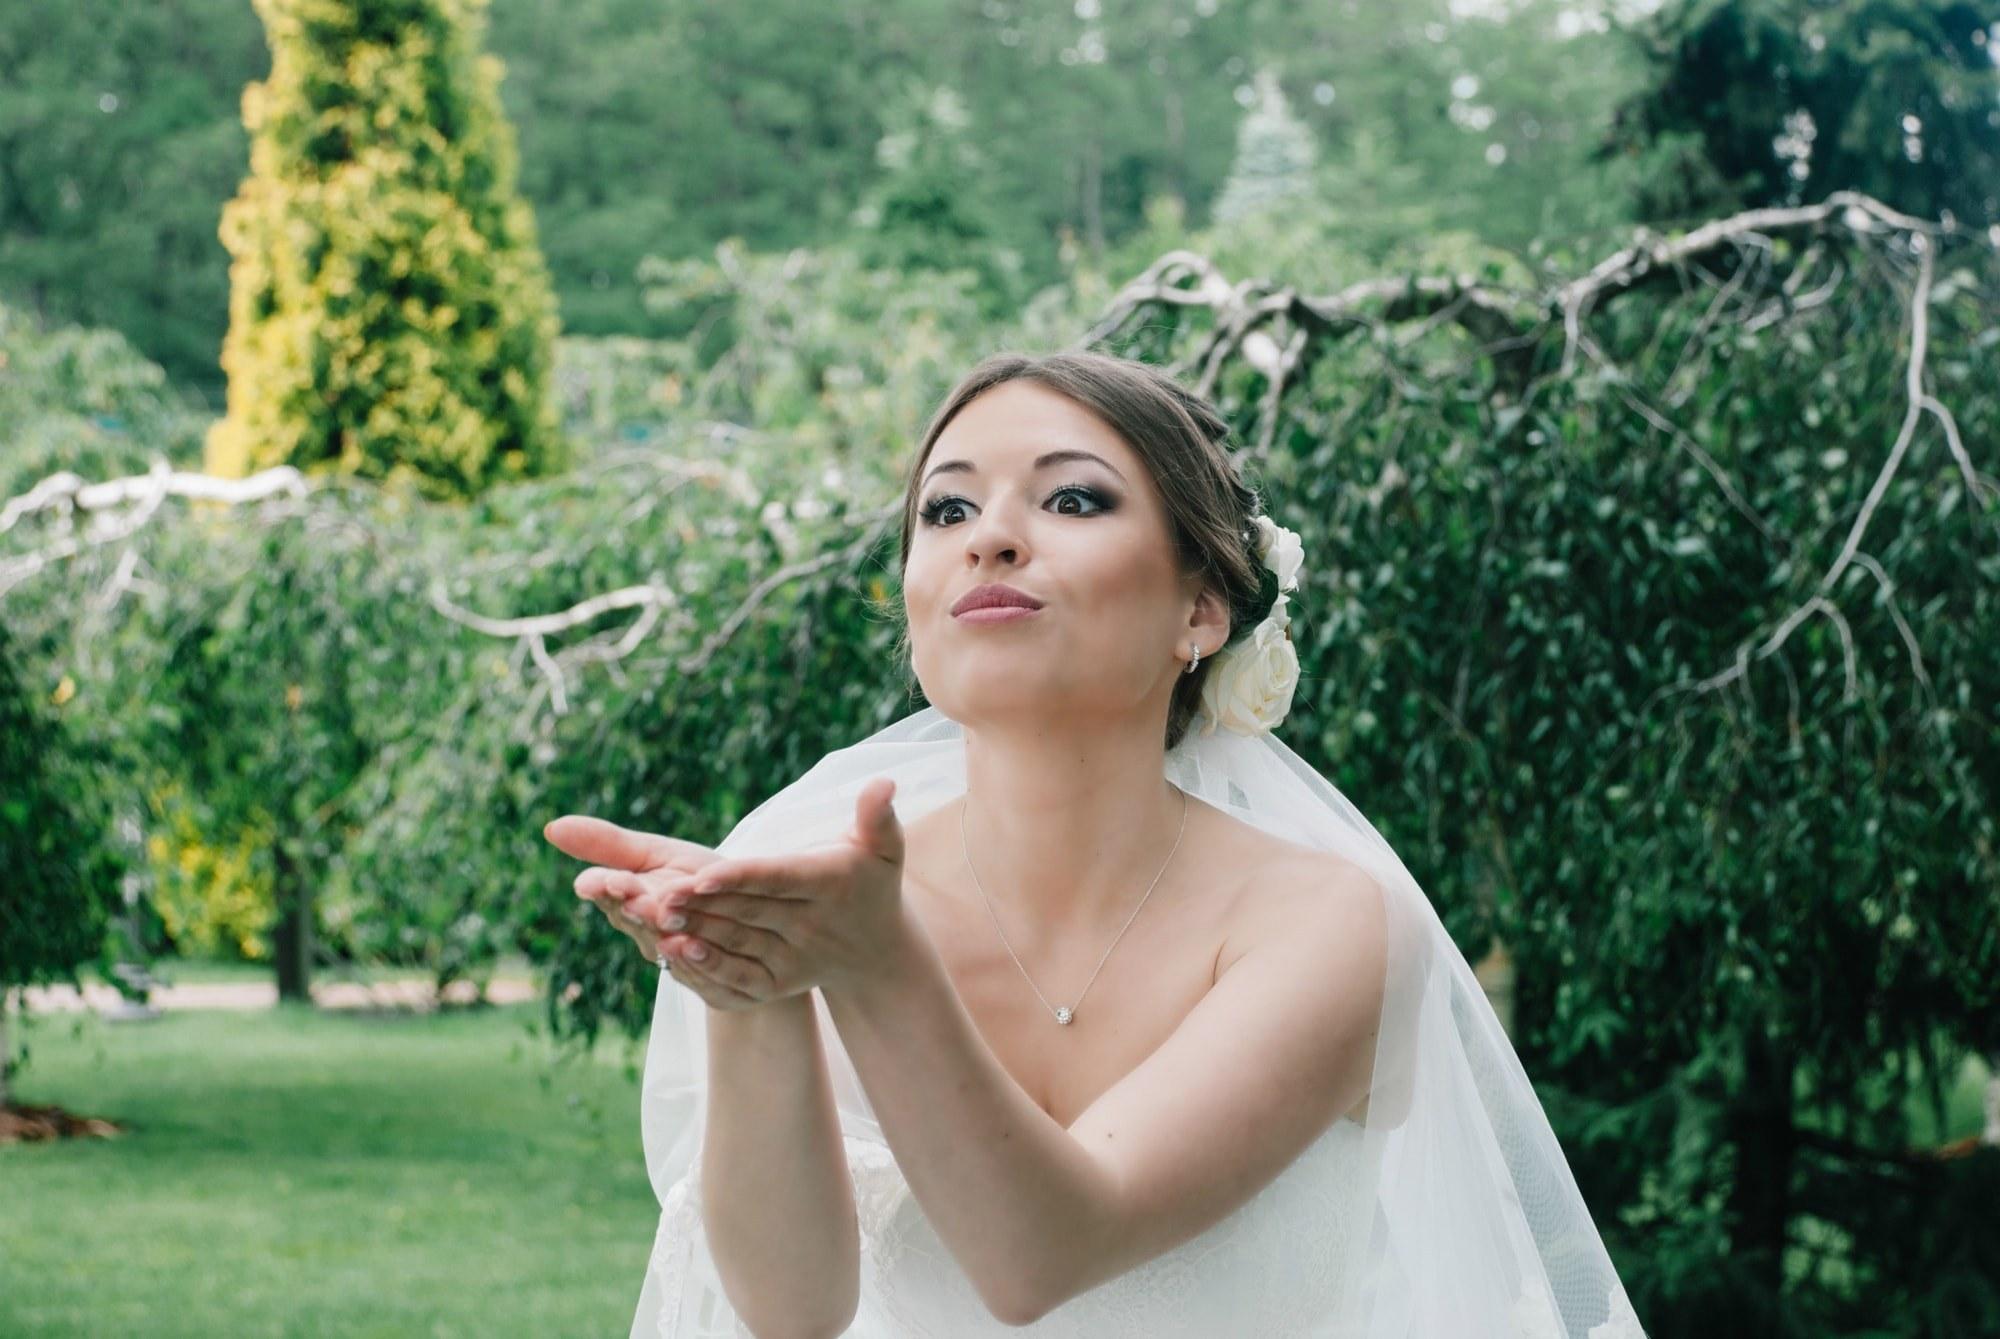 Воздушный поцелуй от невесты - Фотограф Киев - Женя Лайт